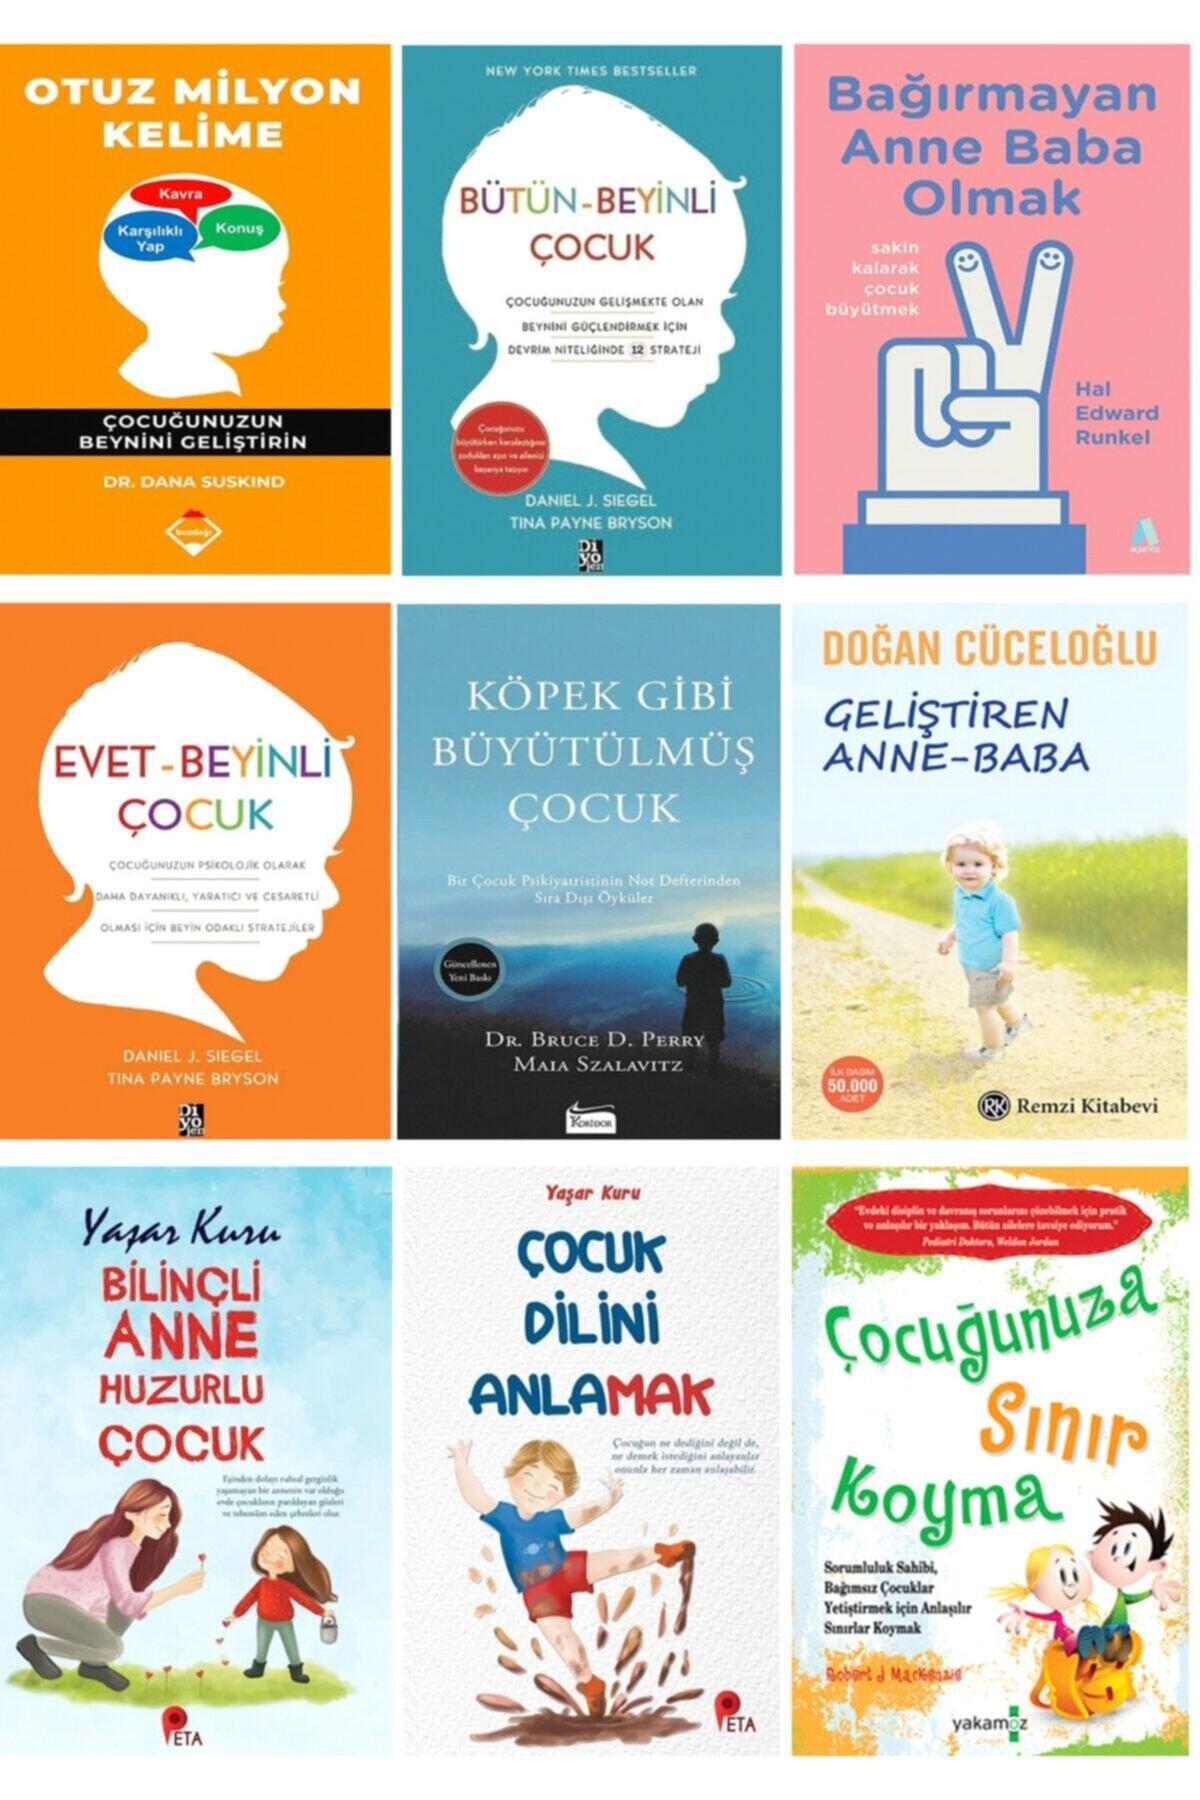 peta kitap Çocuk Gelişim Seti (Otuz Milyon Kelime, Bütün-beyinli Çocuk, Bağırmayan Anne Baba Olmak + 6 Kitap) 1